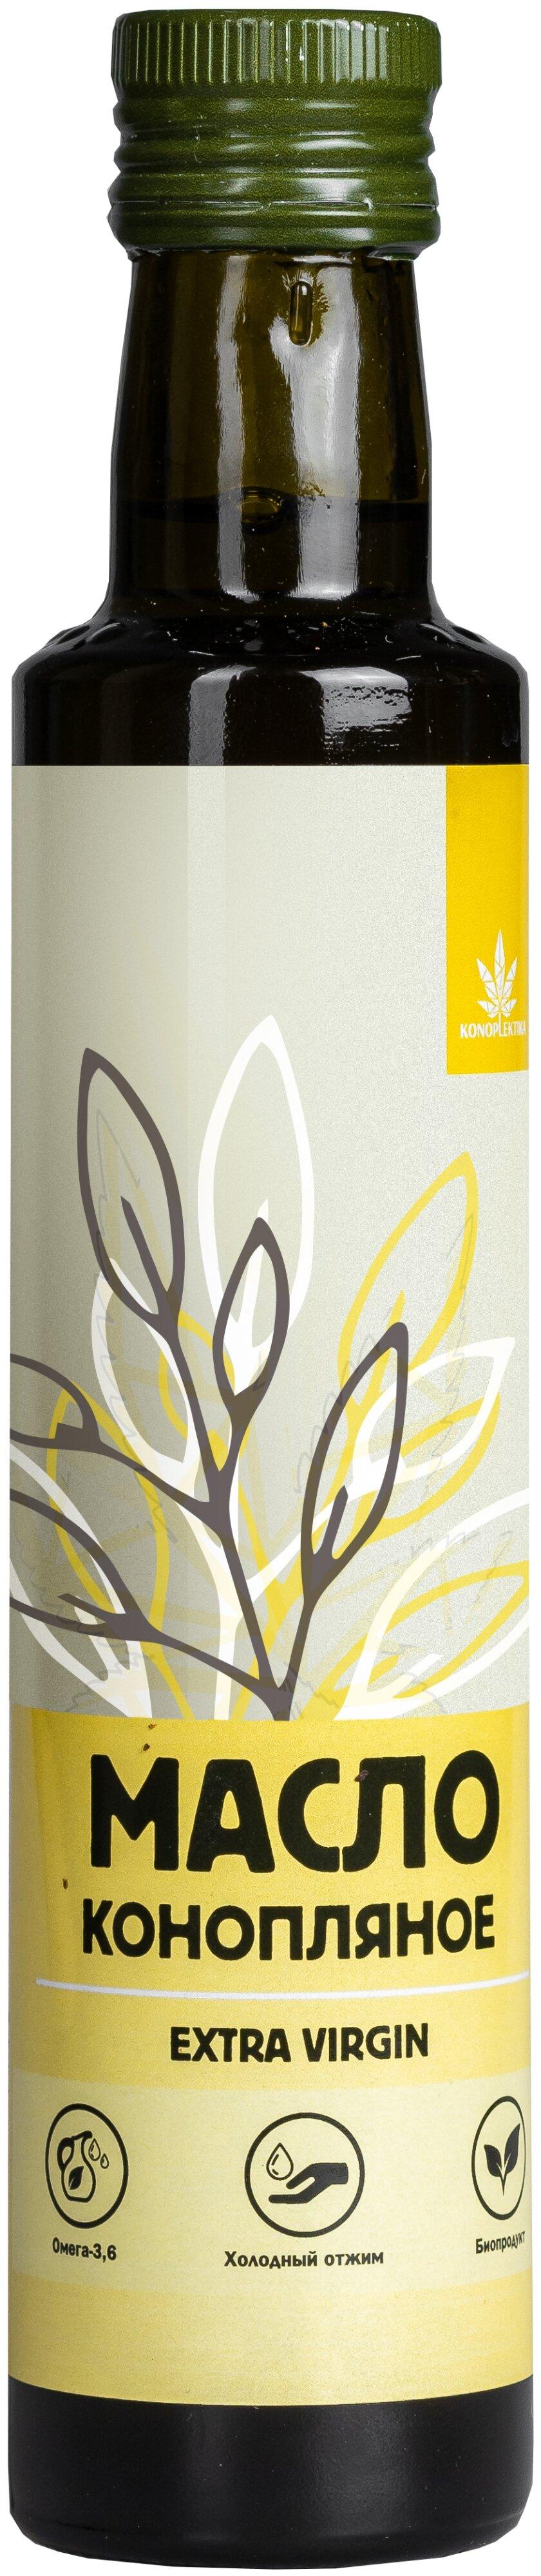 Konoplektika масло конопляное Extra Virgin, стеклянная бутылка — купить по выгодной цене на Яндекс.Маркете